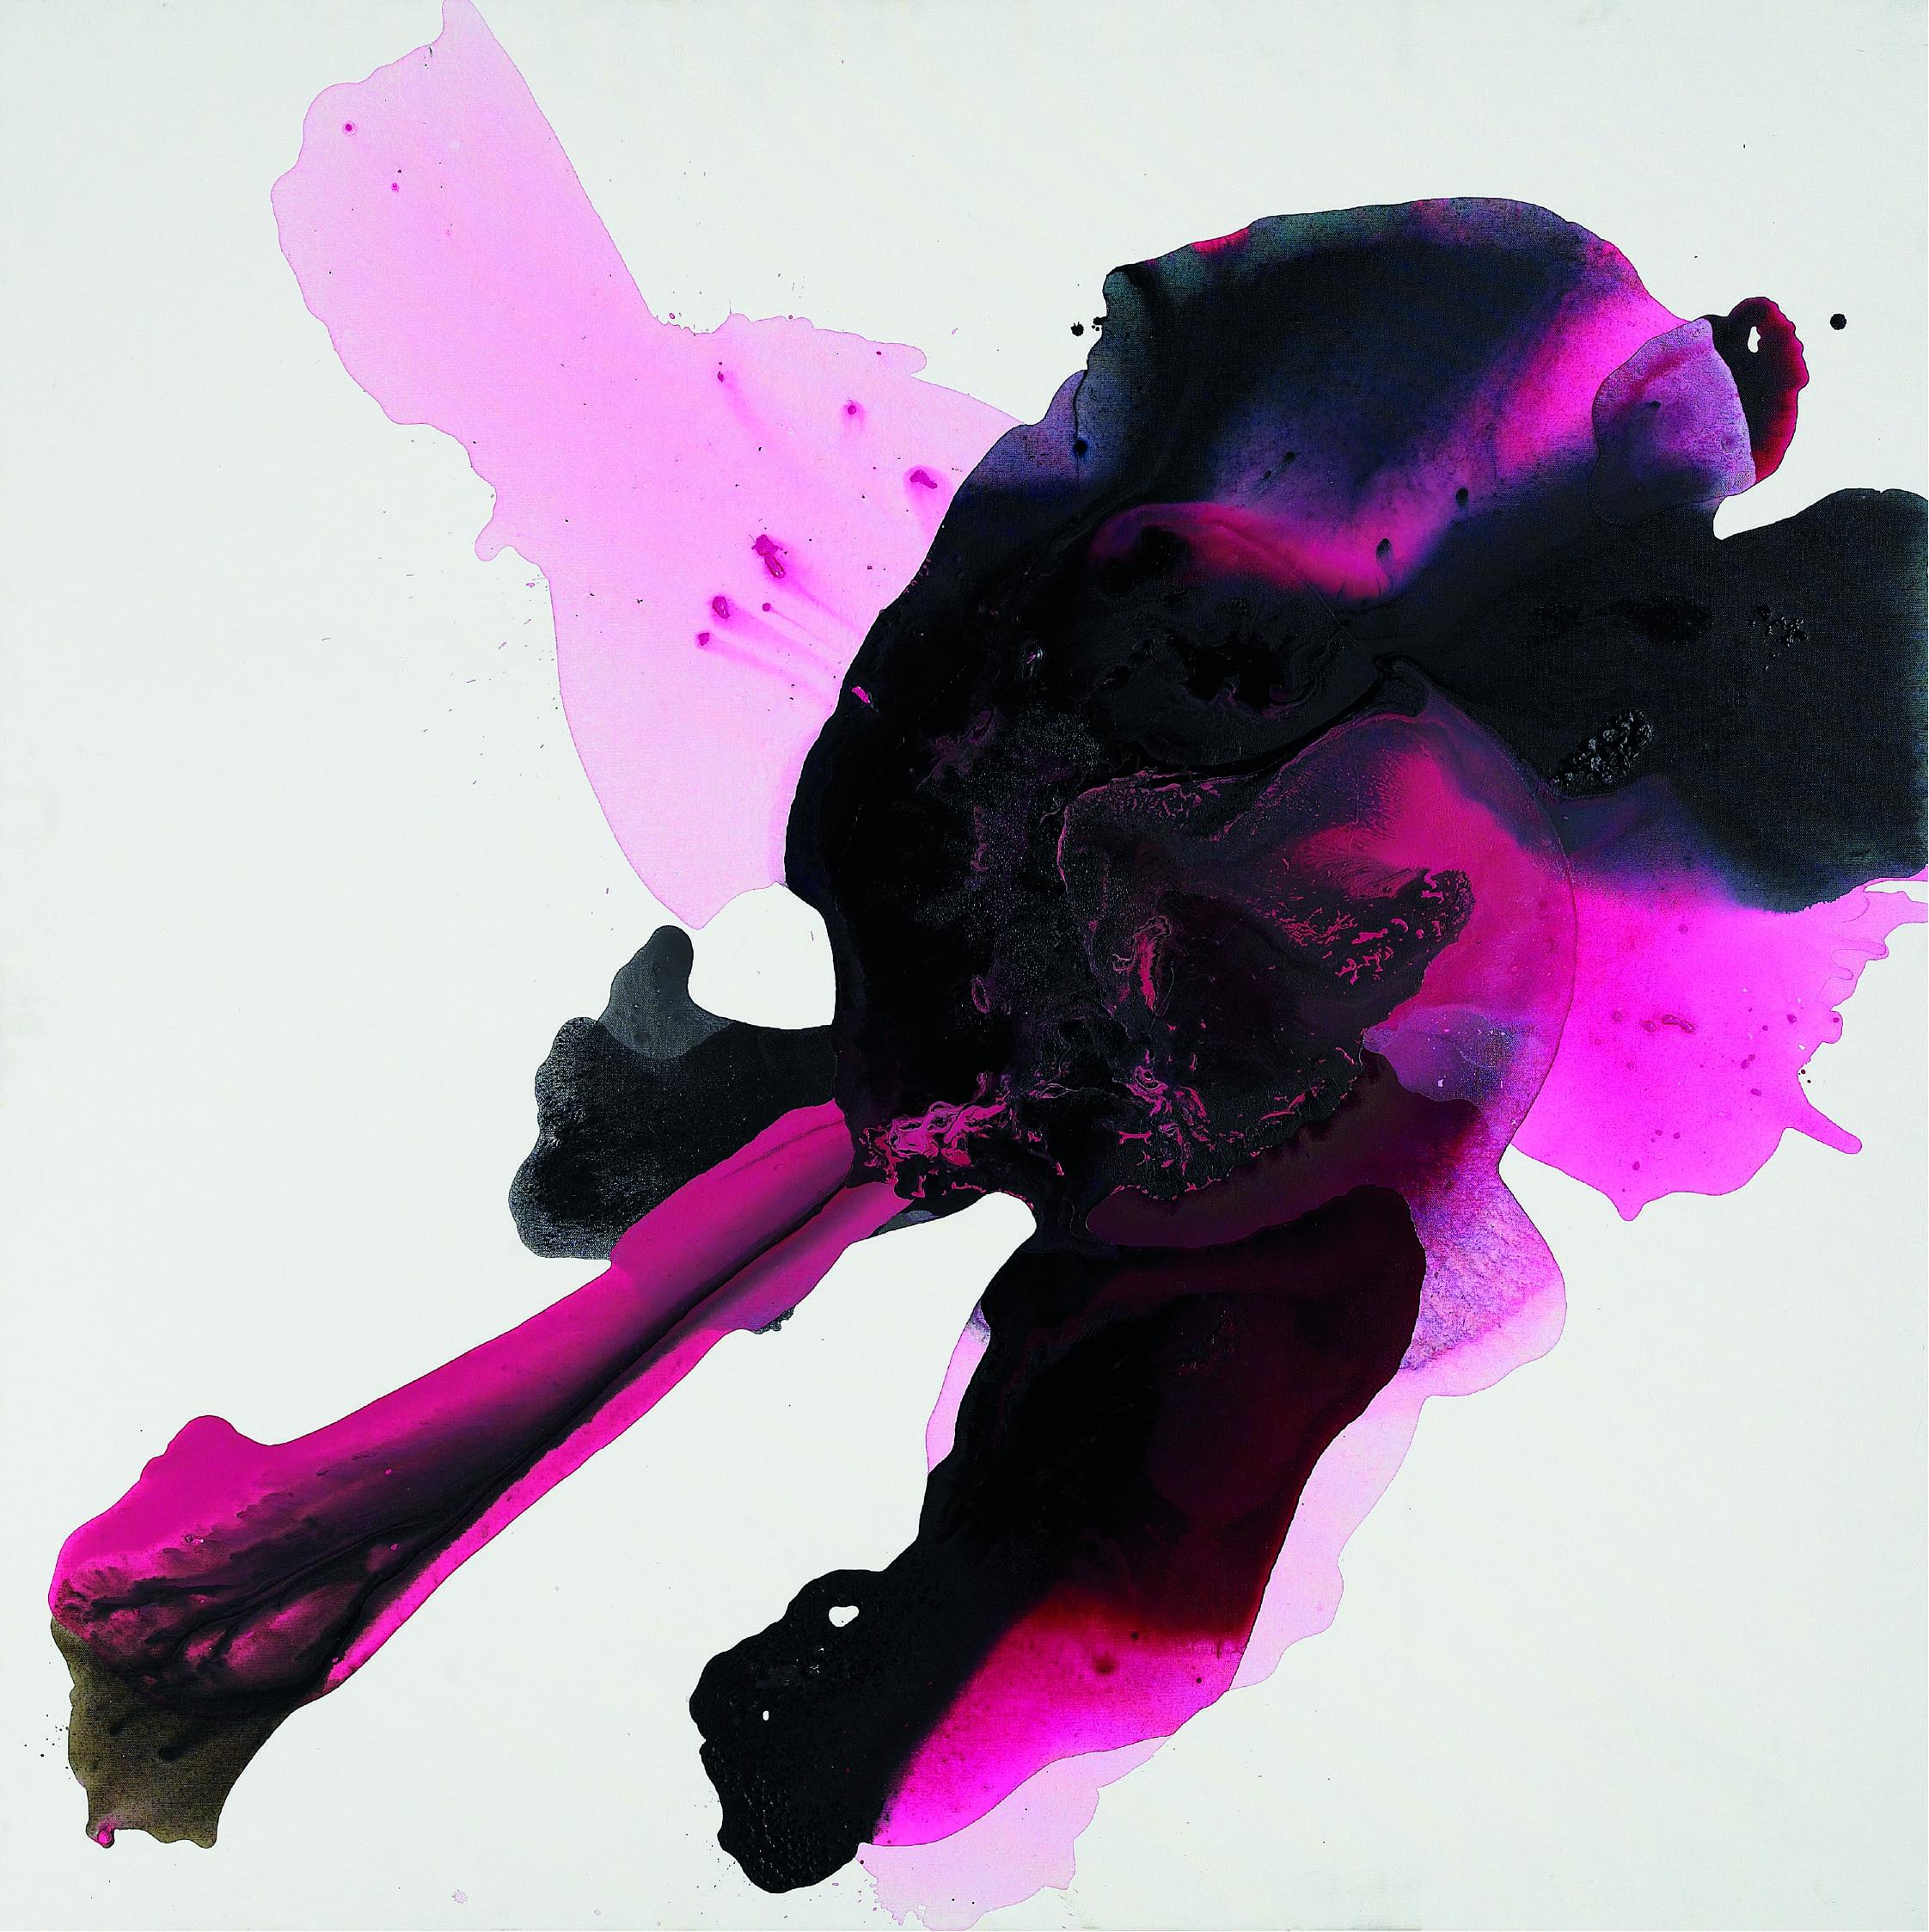 figure_24  acrylic on canvas  127 cm X 127 cm  2012